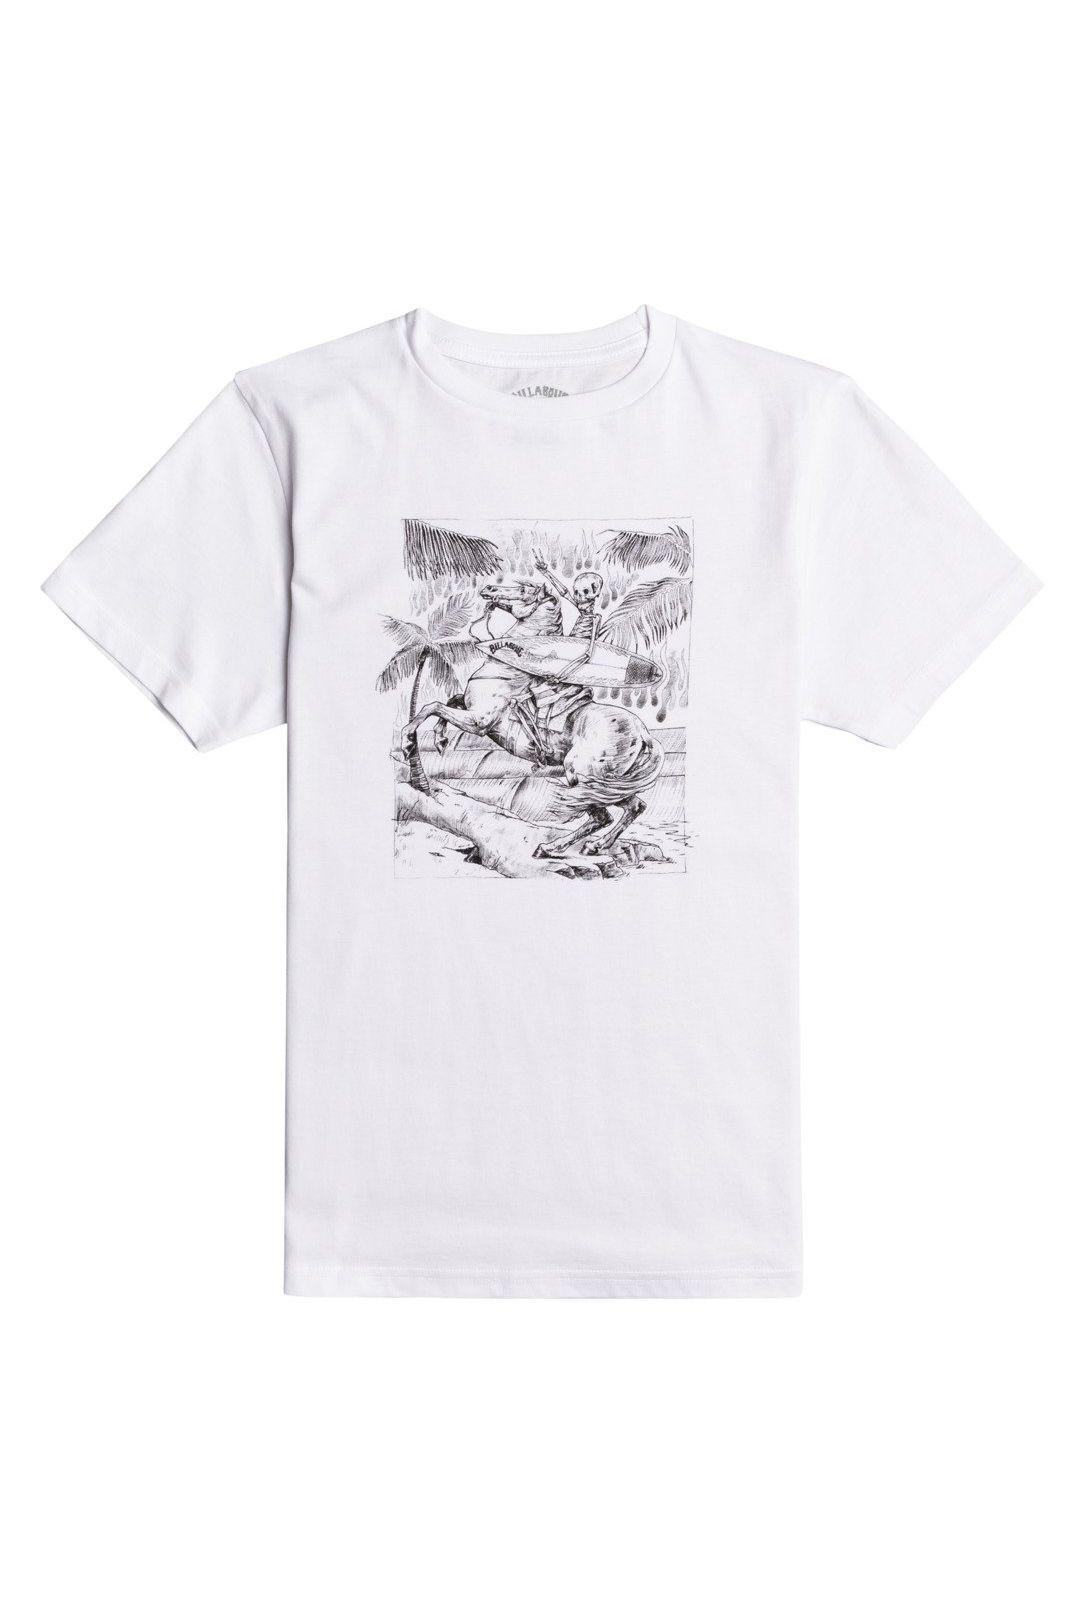 Billabong T-Shirt HELL RIDE SS BOY White